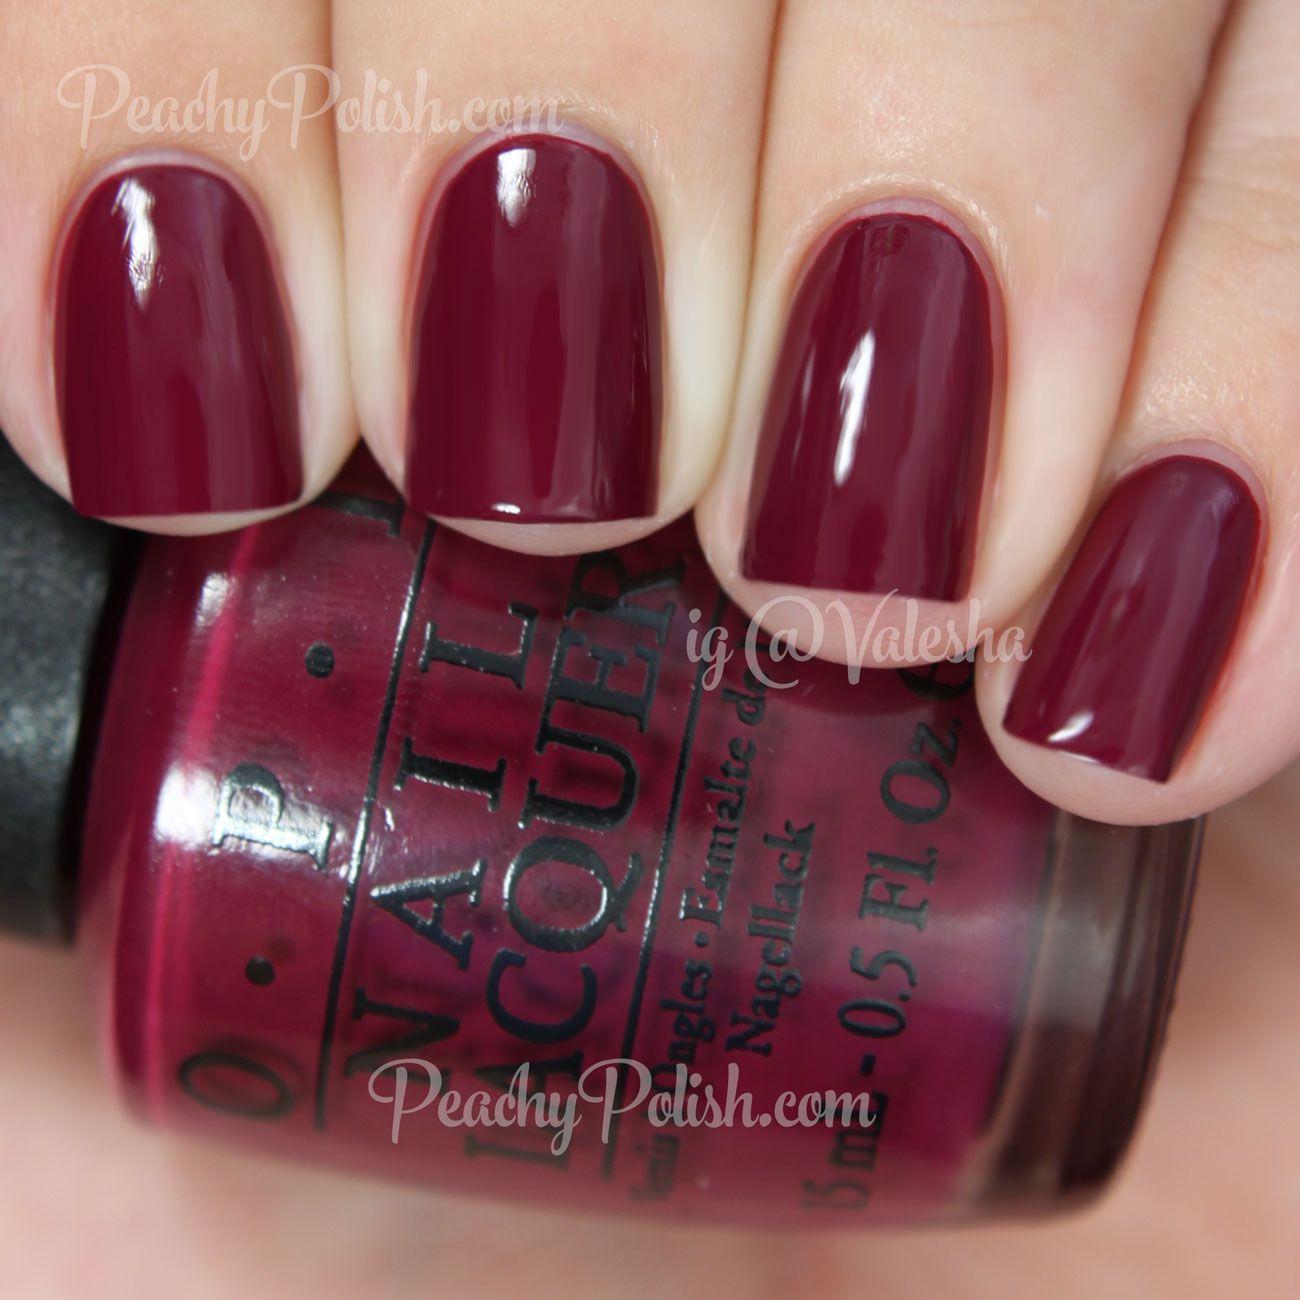 starlight 2015 holiday mini nail treatments set the star treatment ...